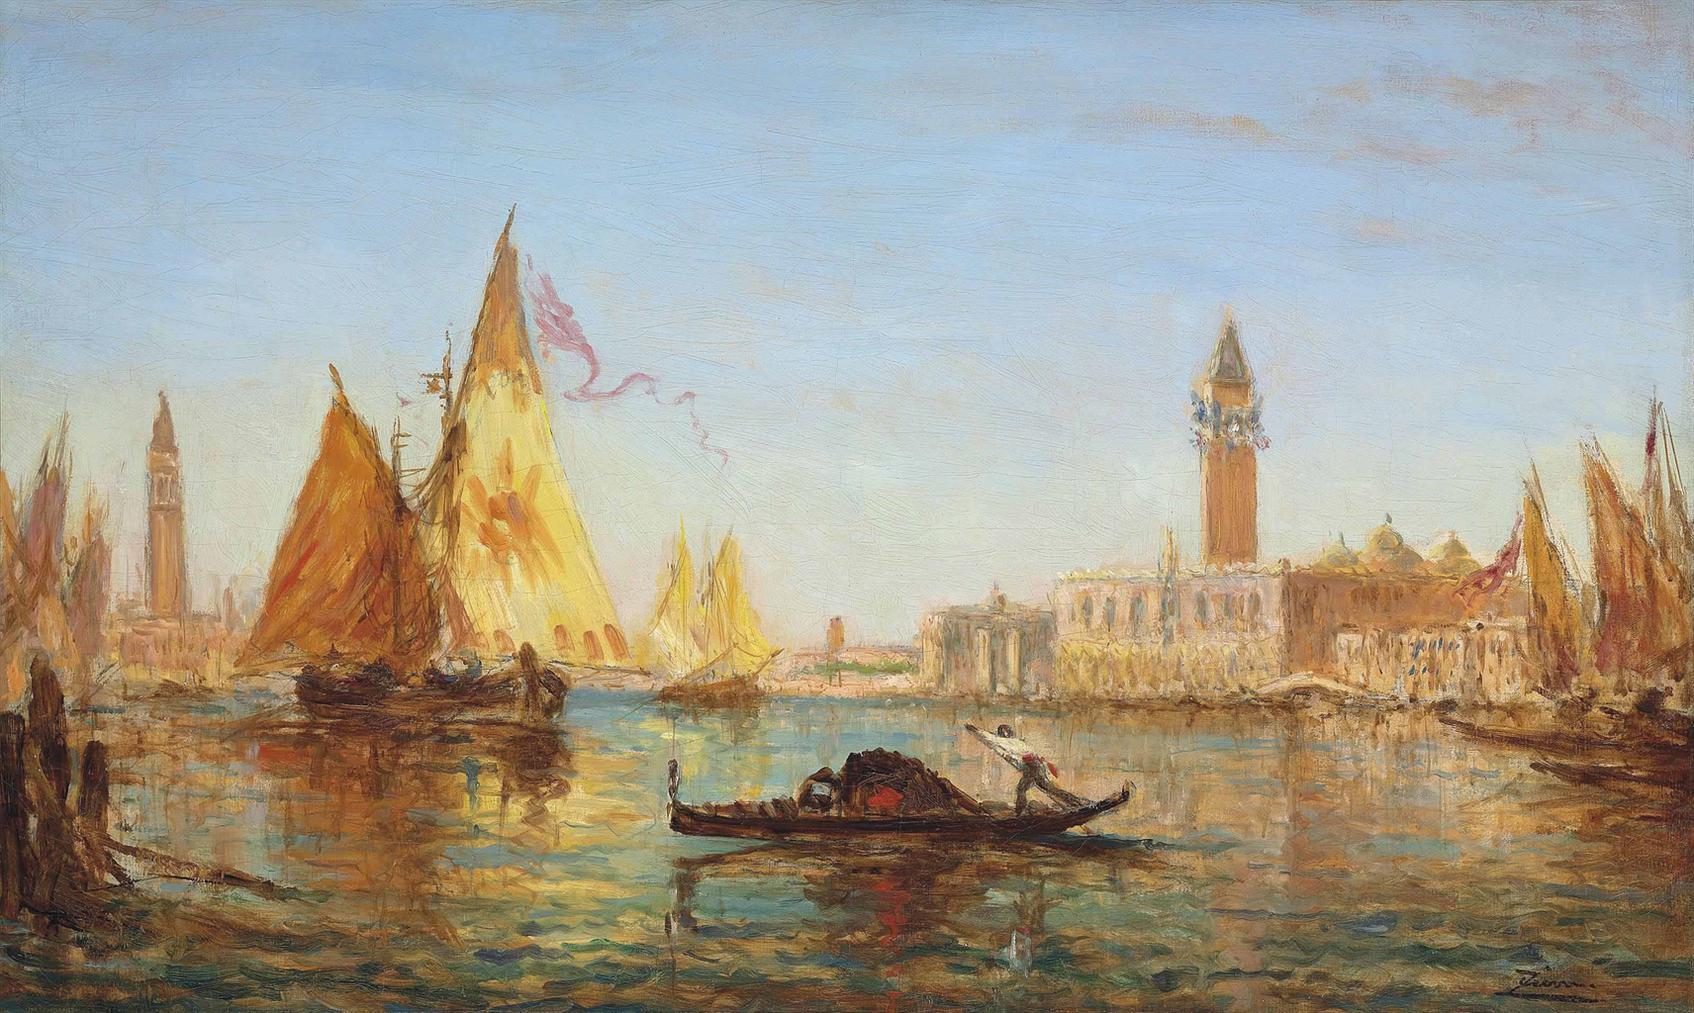 Felix Ziem-Venise, Gondole Et Voiliers Sur Le Grand Canal-